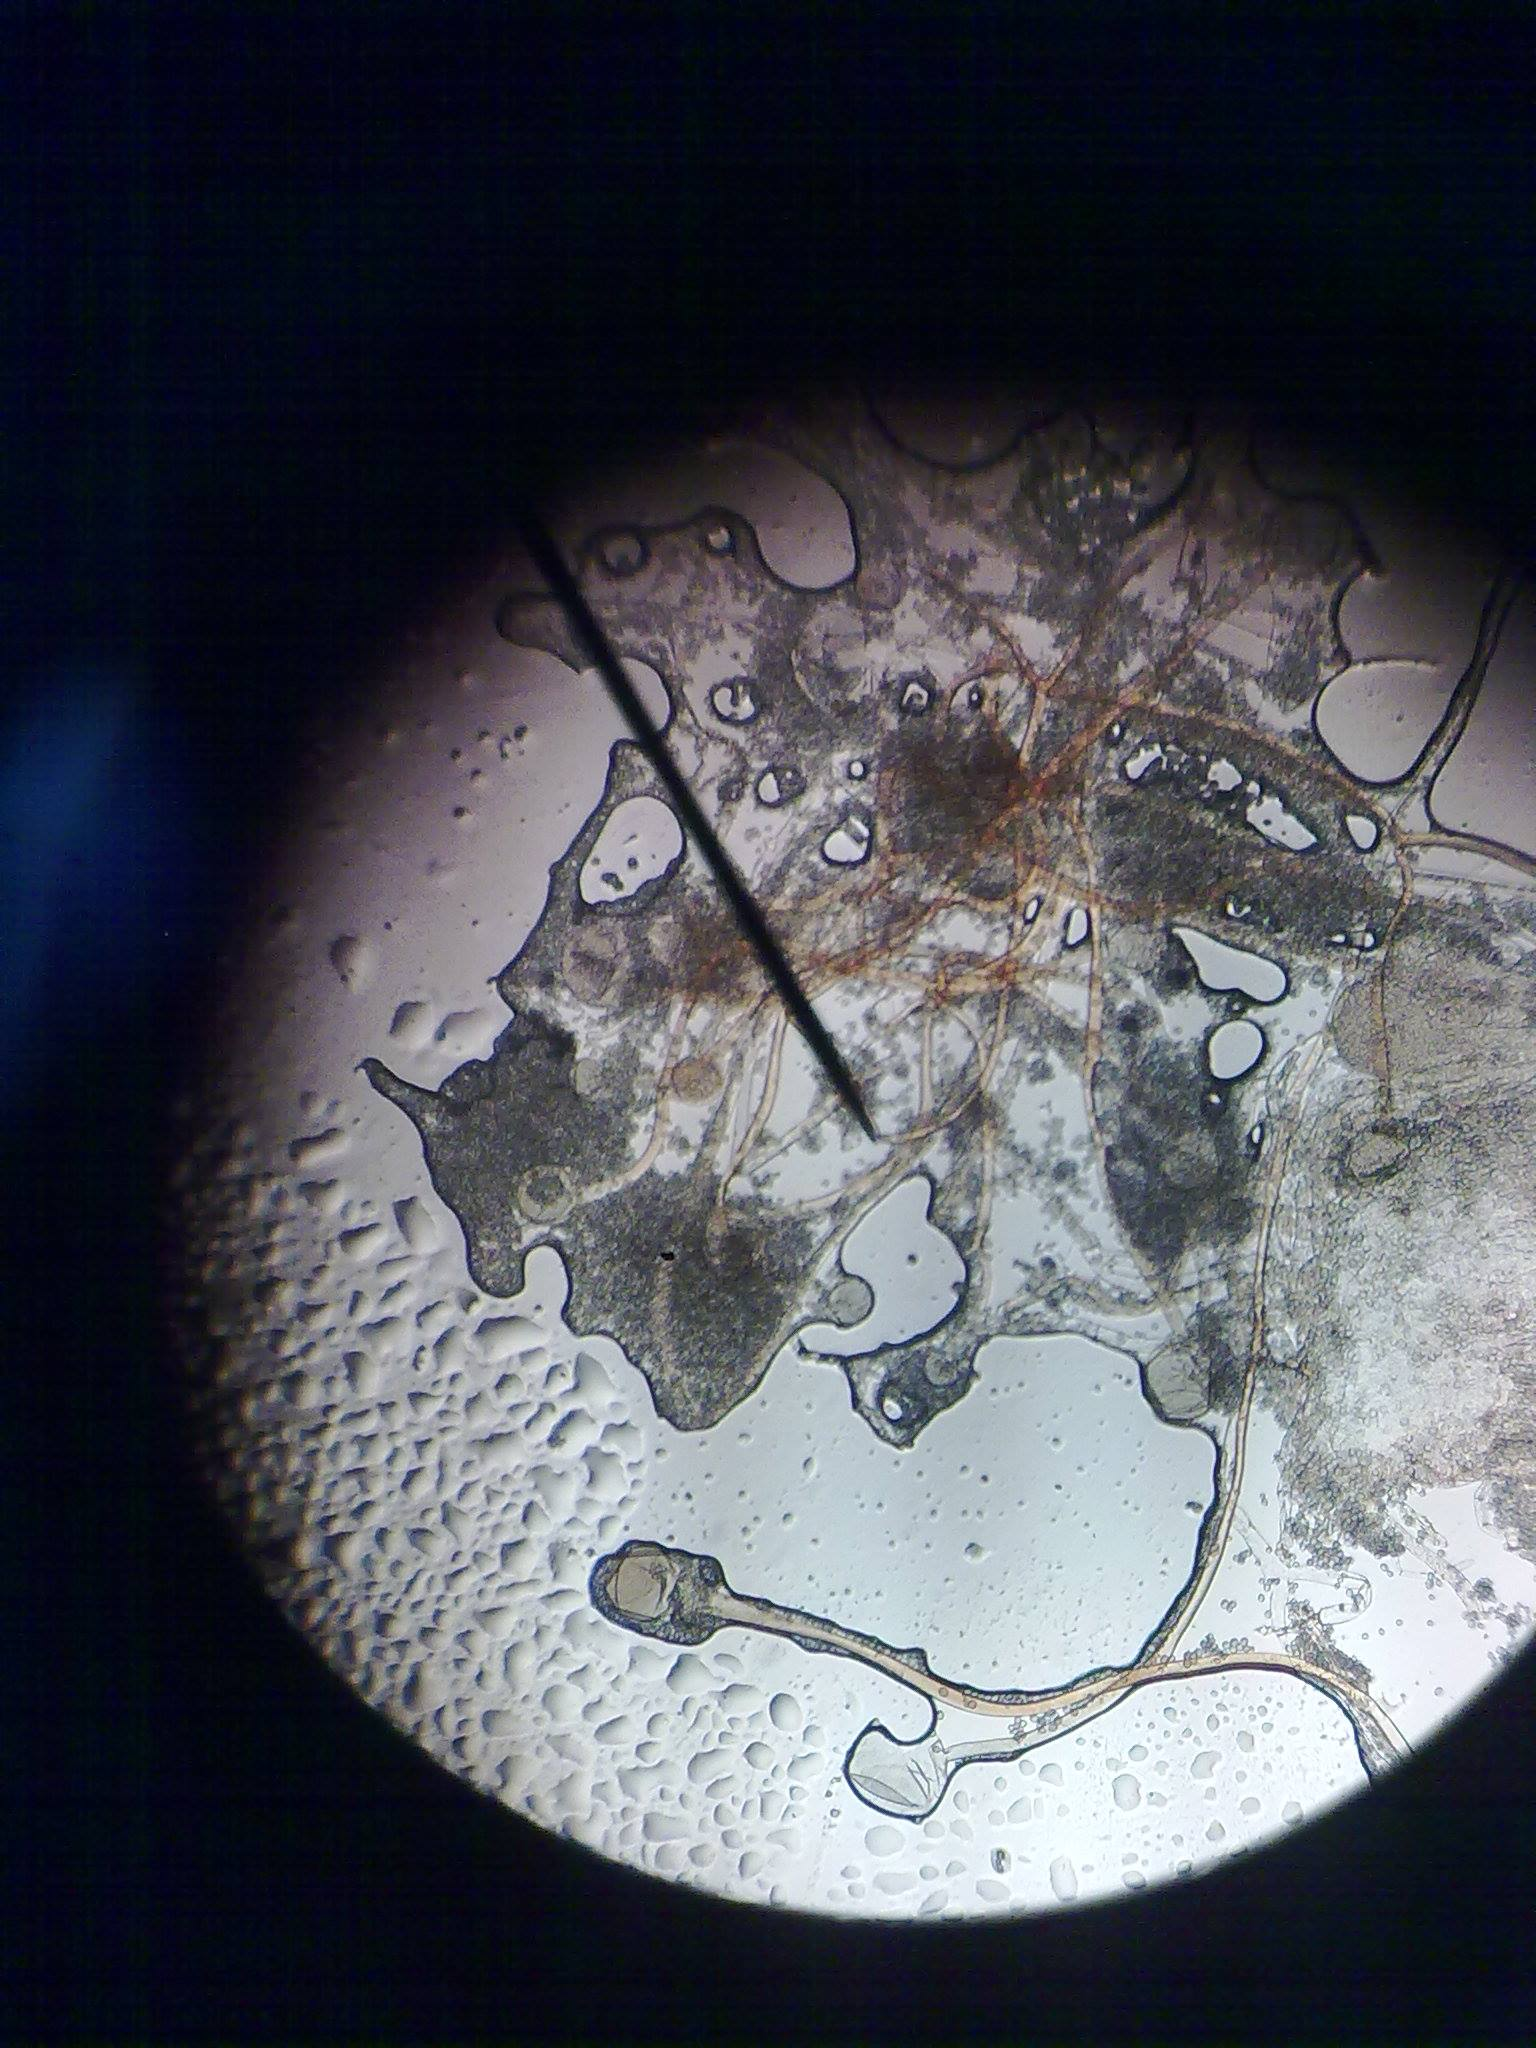 Ekmek küfünün mikroskoptaki gösterimi